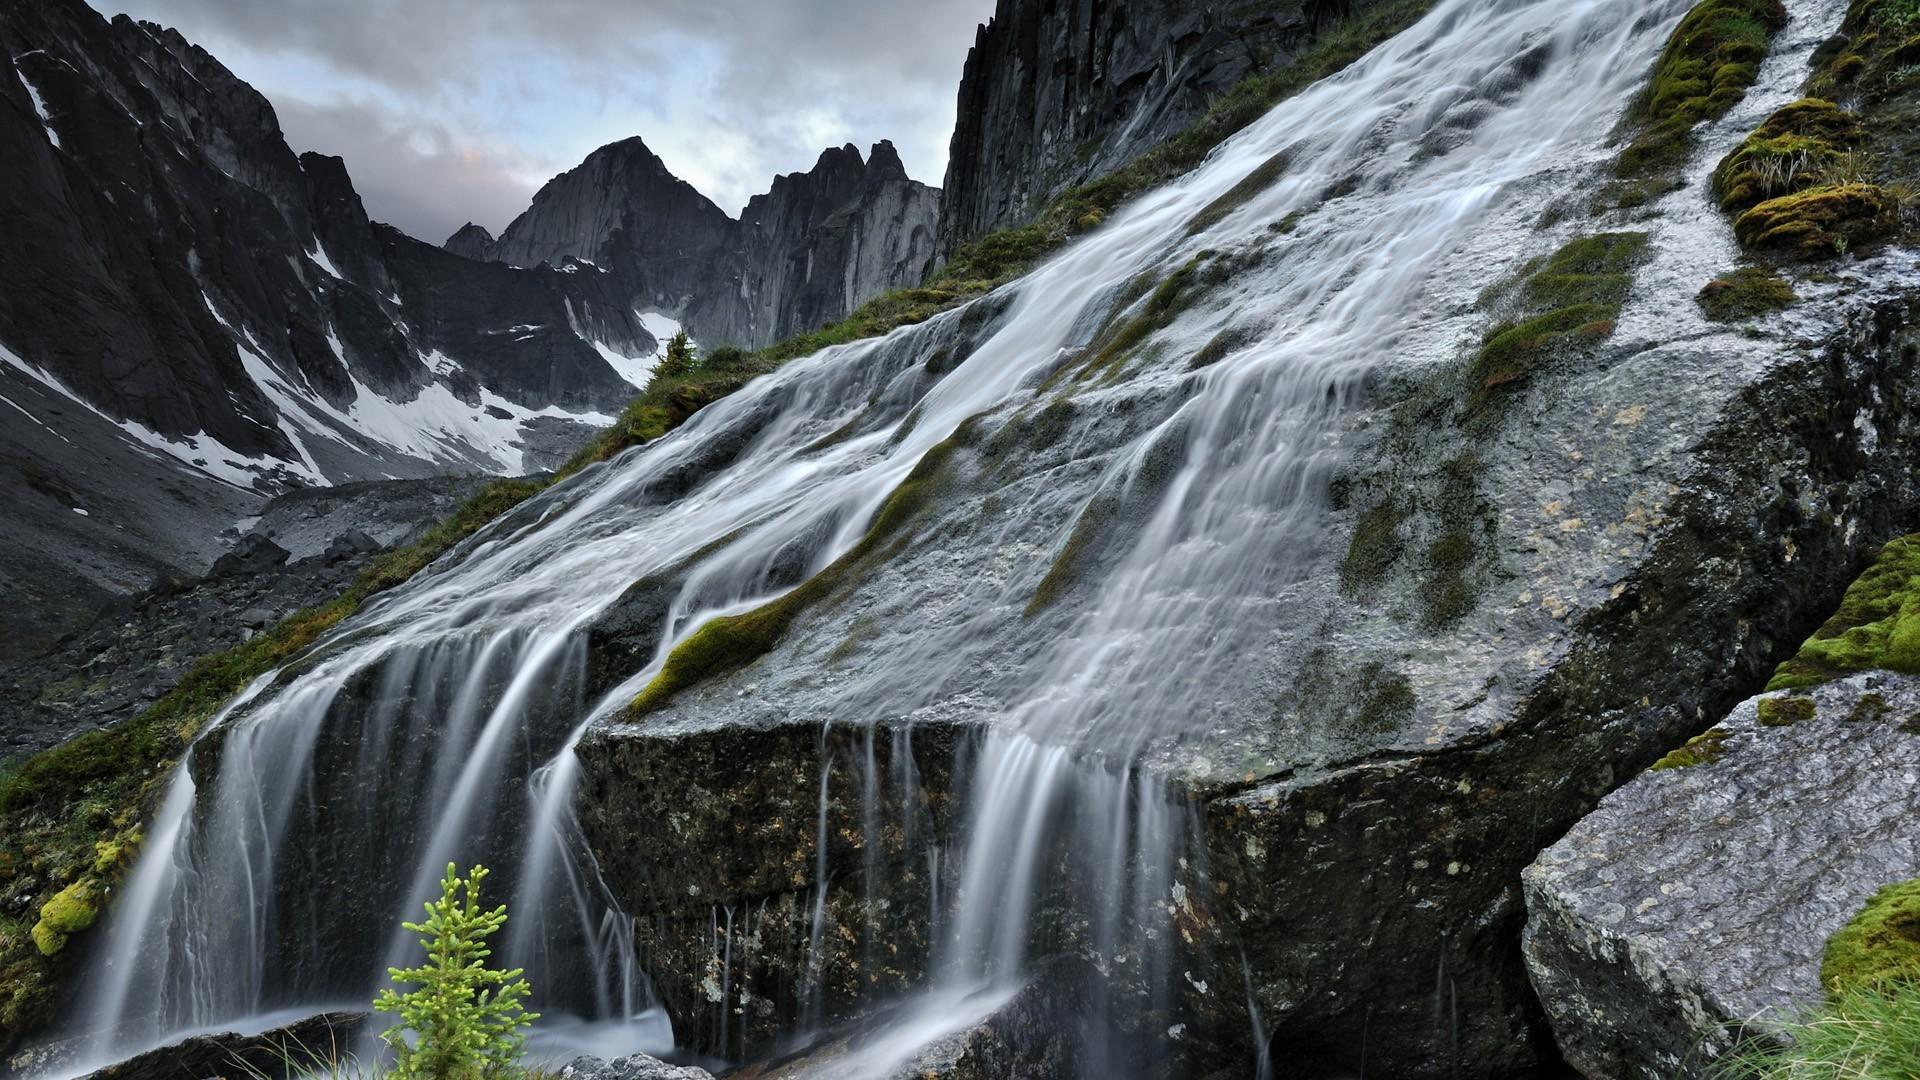 картинка на рабочий стол горы с водопадом